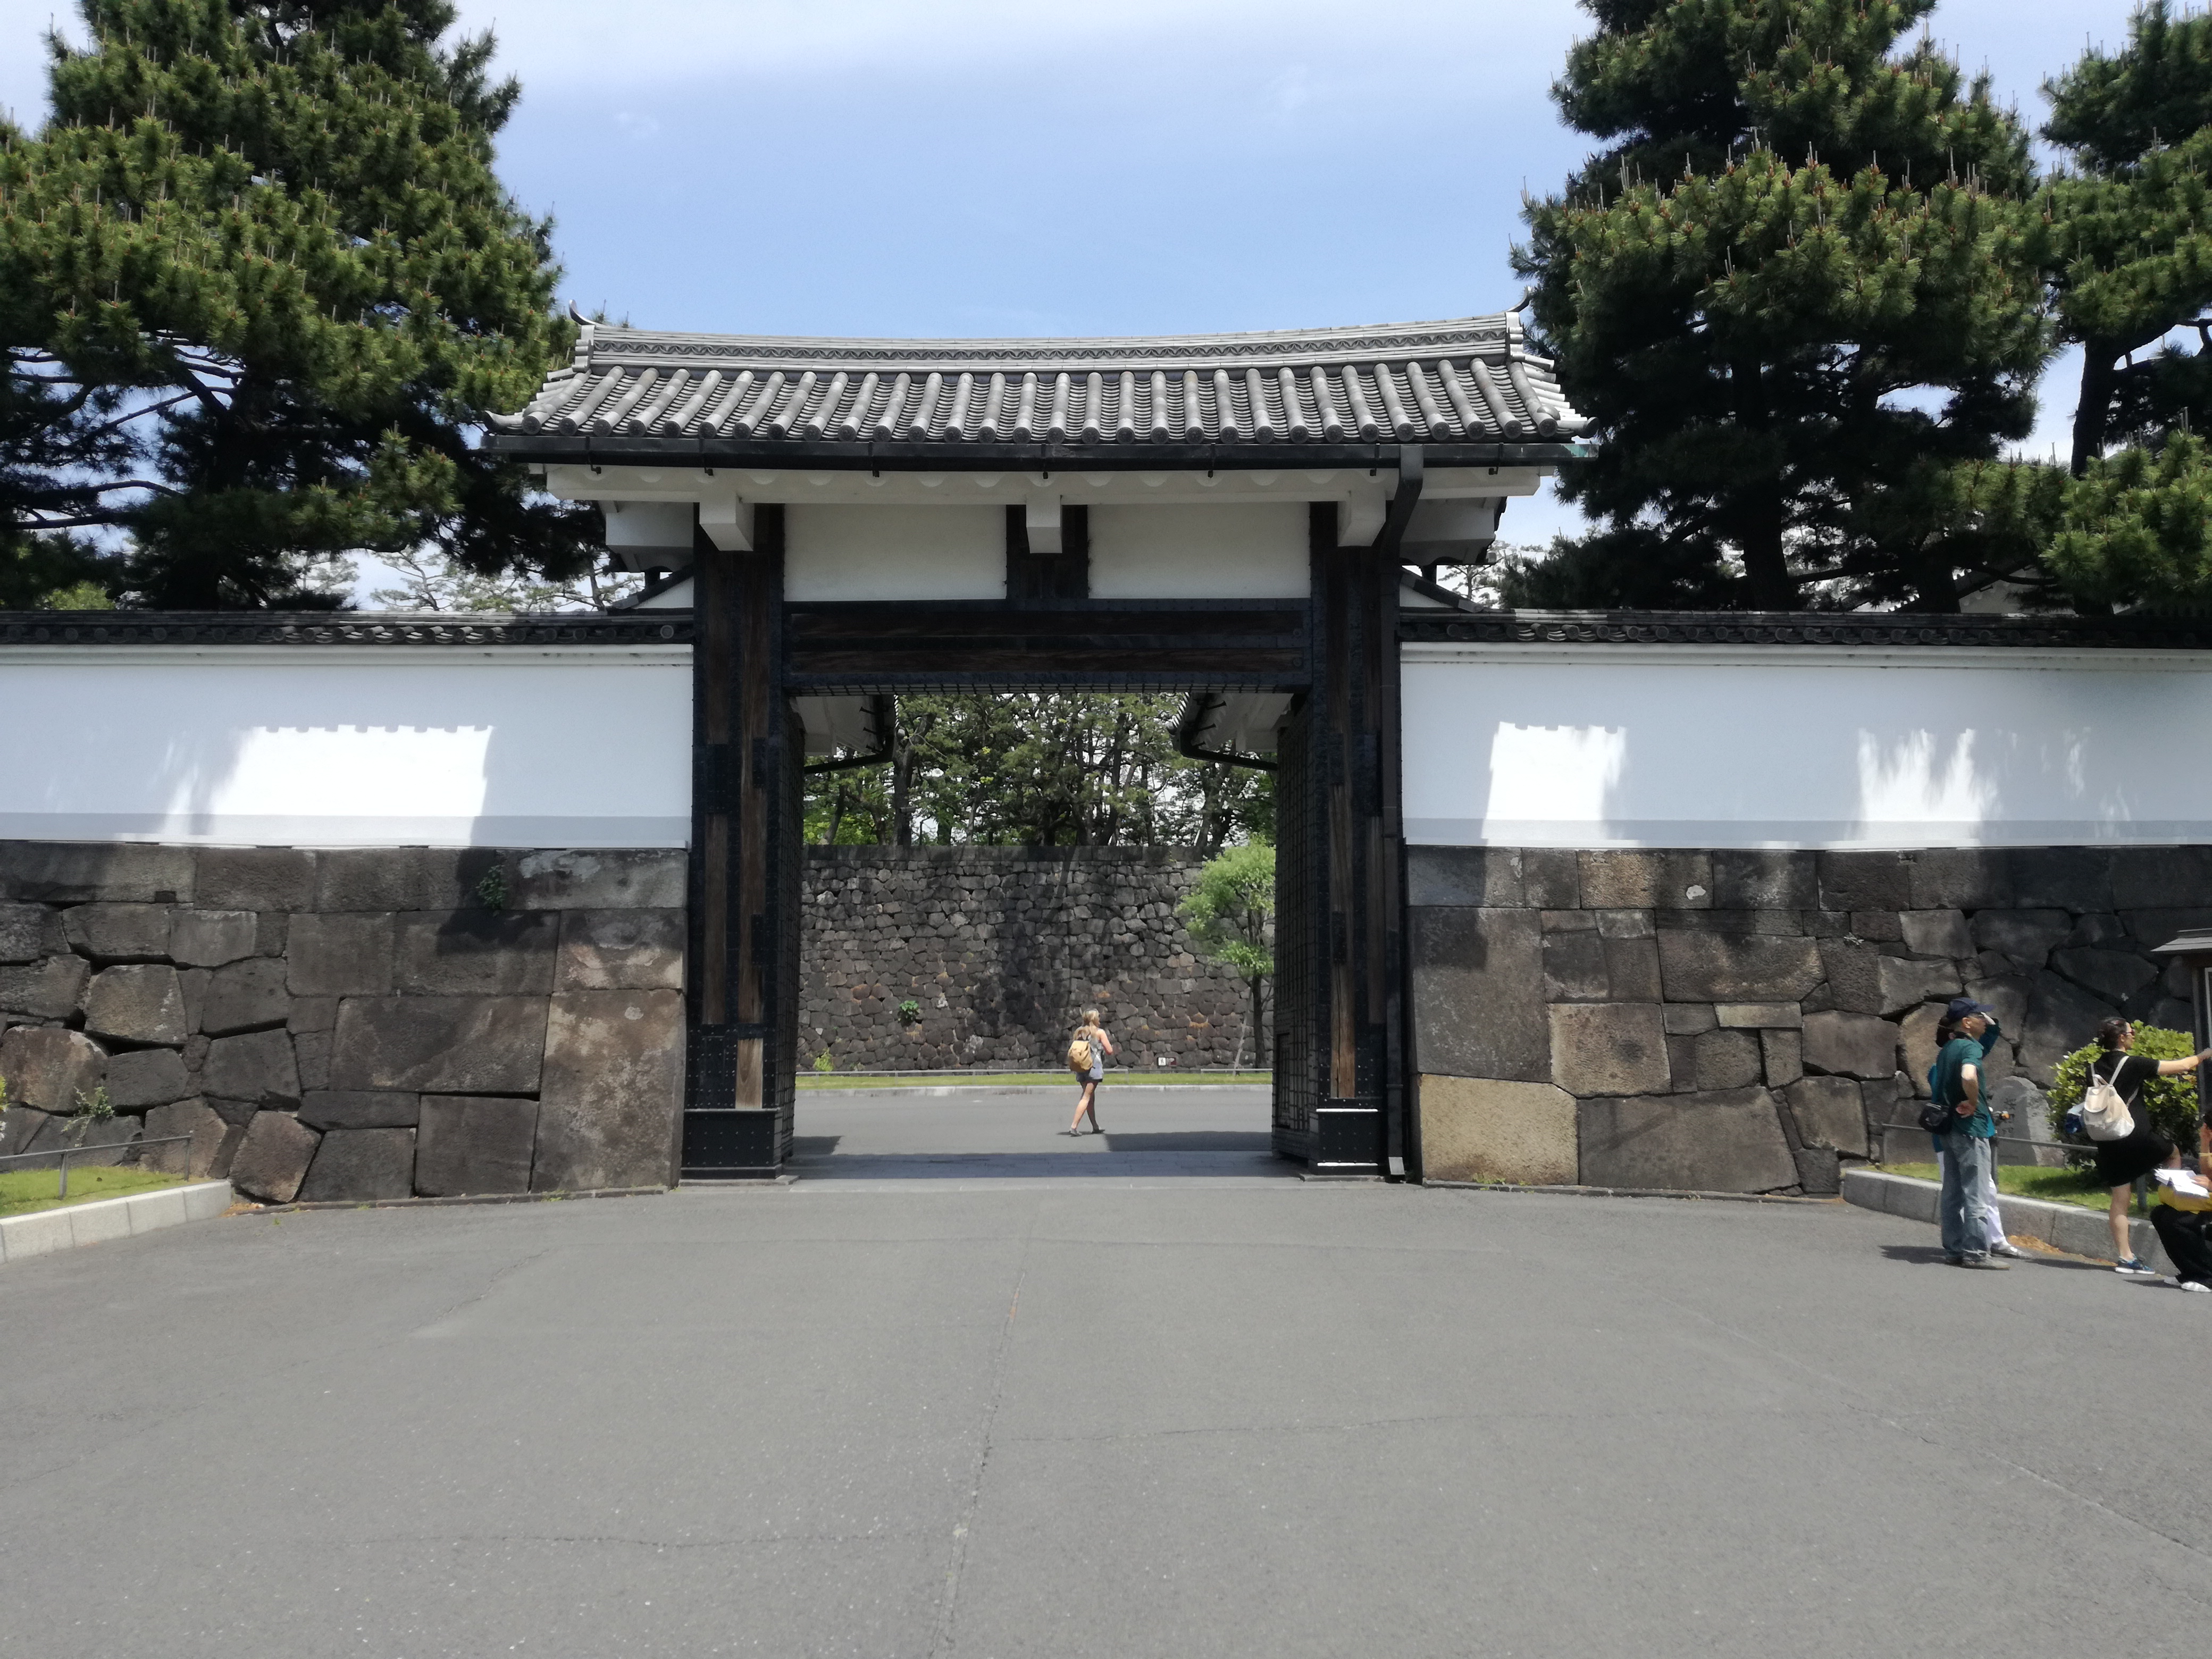 cosa fare gratis tokyo palazzo imperiale